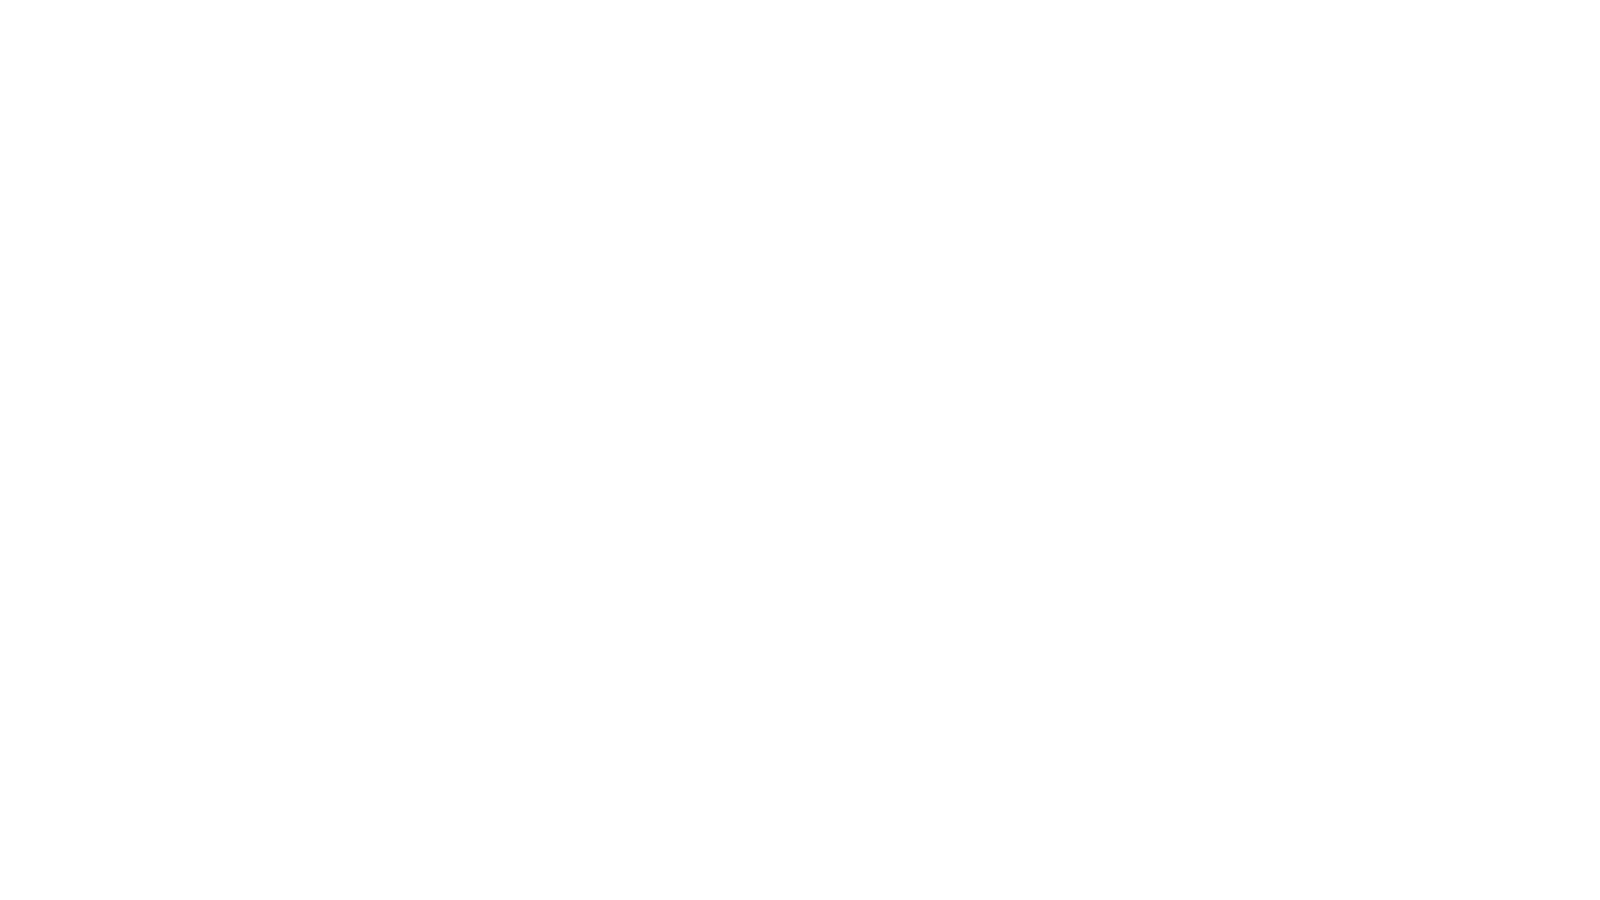 Mød Sine og hendes to agilityhunde Viggo og Sille af racen Kromfohrländer 🤩 og hør om, hvordan Vuffeli blev en del af deres hverdag, med daglig træning og to kræsne snuder🐶  🐶 Prøv en GRATIS prøvepakke 🢂 https://vuffeli.dk/ 🎥 Subscribe til vores kanal 🢂 https://bit.ly/2tix4Ml  FIND OS PÅ👇  💻 Facebook ▶ https://www.facebook.com/Vuffeli/ 📸 Instagram ▶ https://www.instagram.com/vuffeli/ 📱 Tik Tok ▶ https://www.tiktok.com/@vuffeli  Velkommen hos Vuffeli, smagen din hund elsker og næringen den har brug for 🐕  🚚 Gratis fragt 🍲 Tilpasset foderplan til din hund 👩⚕️ Kvalitets foder testet af dyrlæger og enæringseksperter ---- 📧 Kontakt/Kundeservice 🢂 kontakt@vuffeli.dk  #Vuffeli